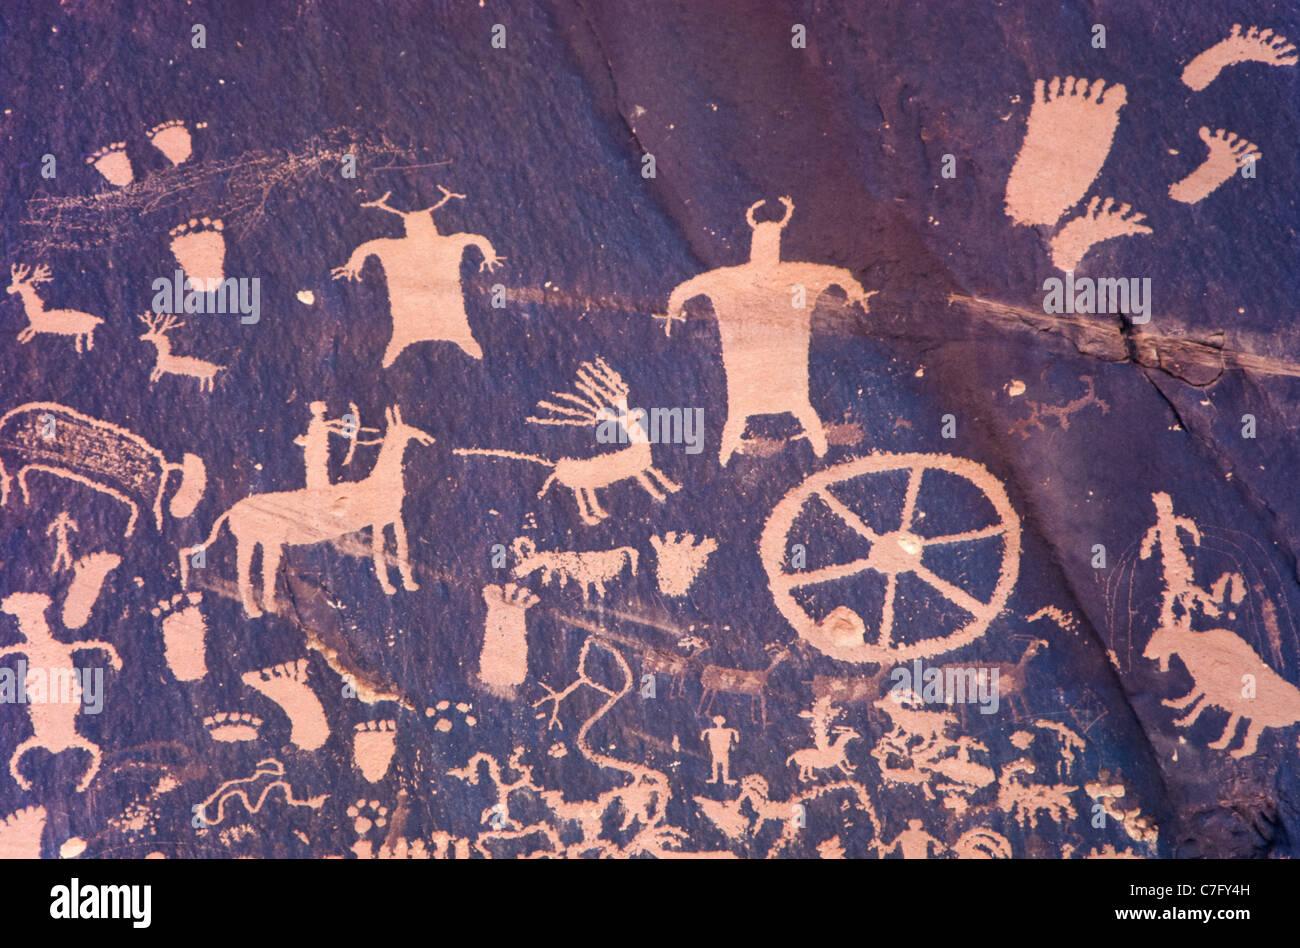 Ancient Indian rock paintings at Newspaper Rock, Indian Creek in Utah, USA - Stock Image